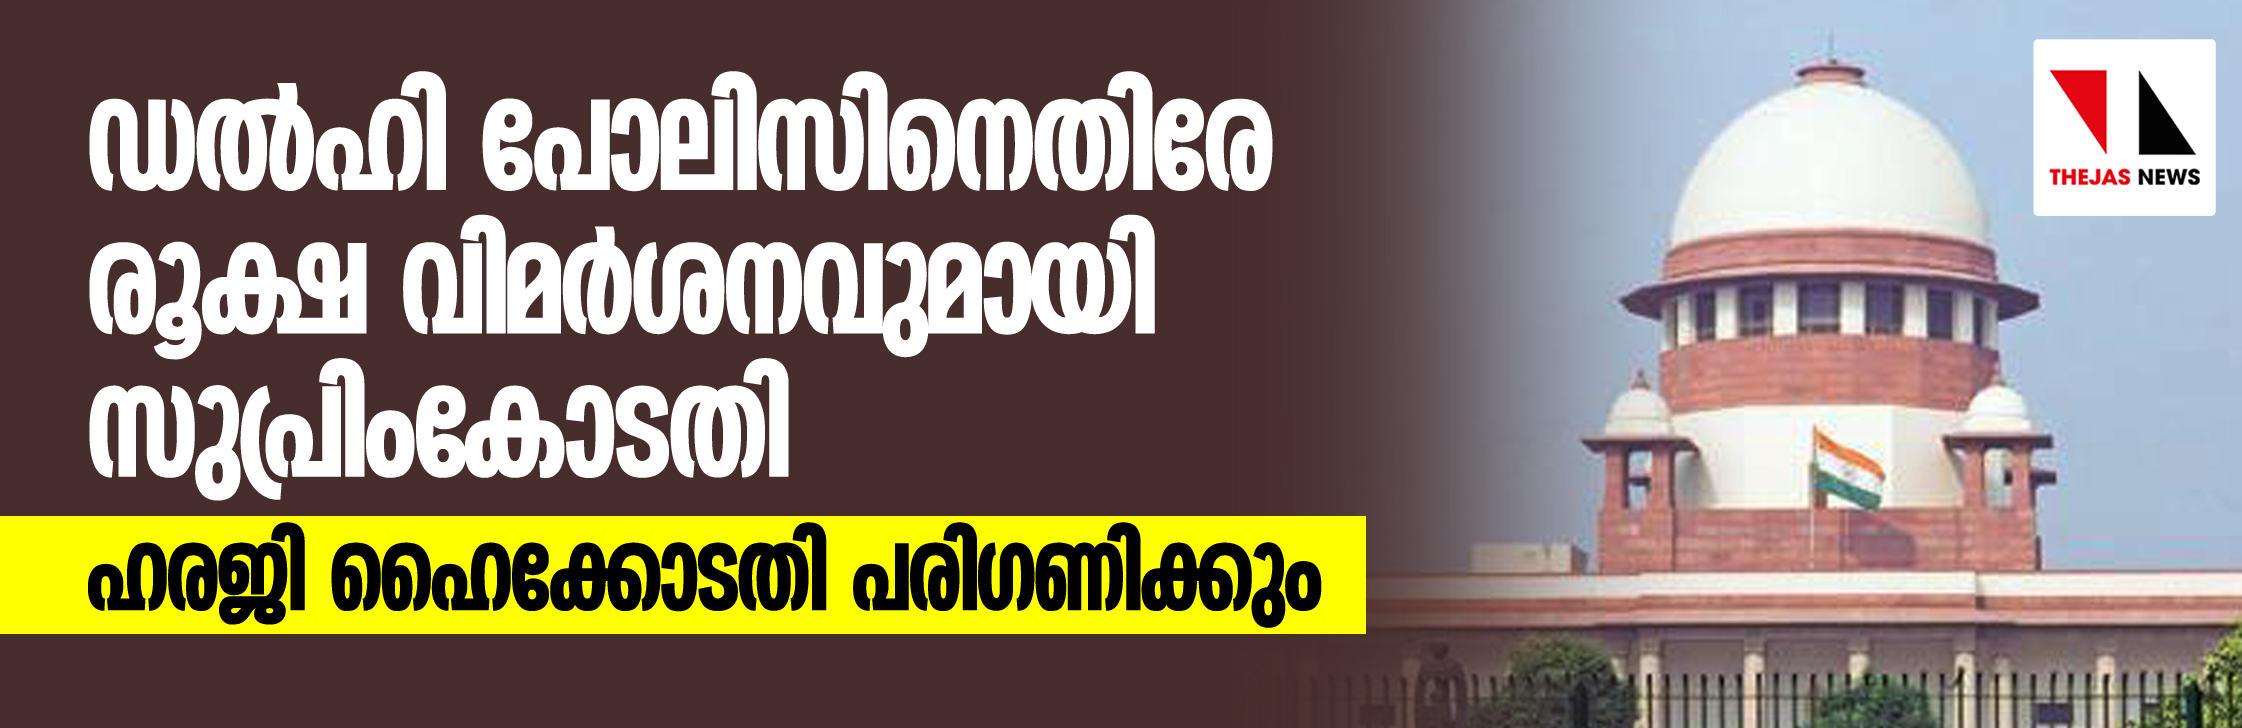 ഡല്ഹി പോലിസിനെതിരേ രൂക്ഷ വിമര്ശനവുമായി സുപ്രീംകോടതി  -ഹരജി ഹൈക്കോടതി പരിഗണിക്കും